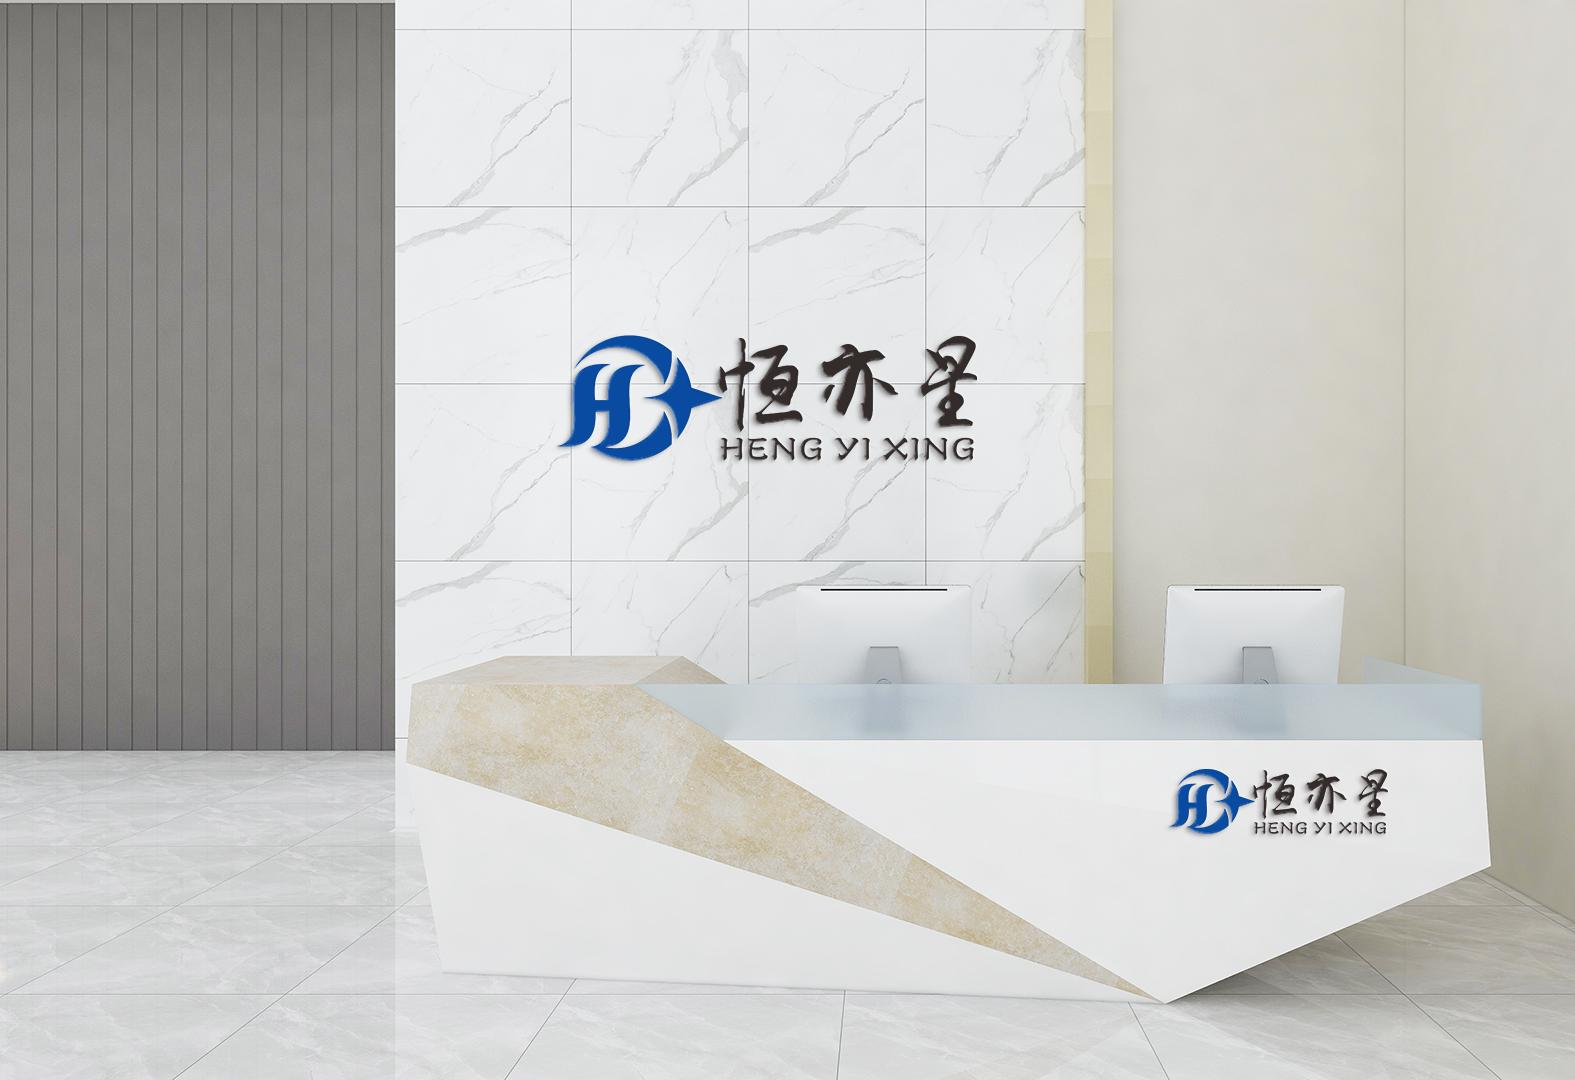 恒亦星广告传媒logo设计_3036709_k68威客网